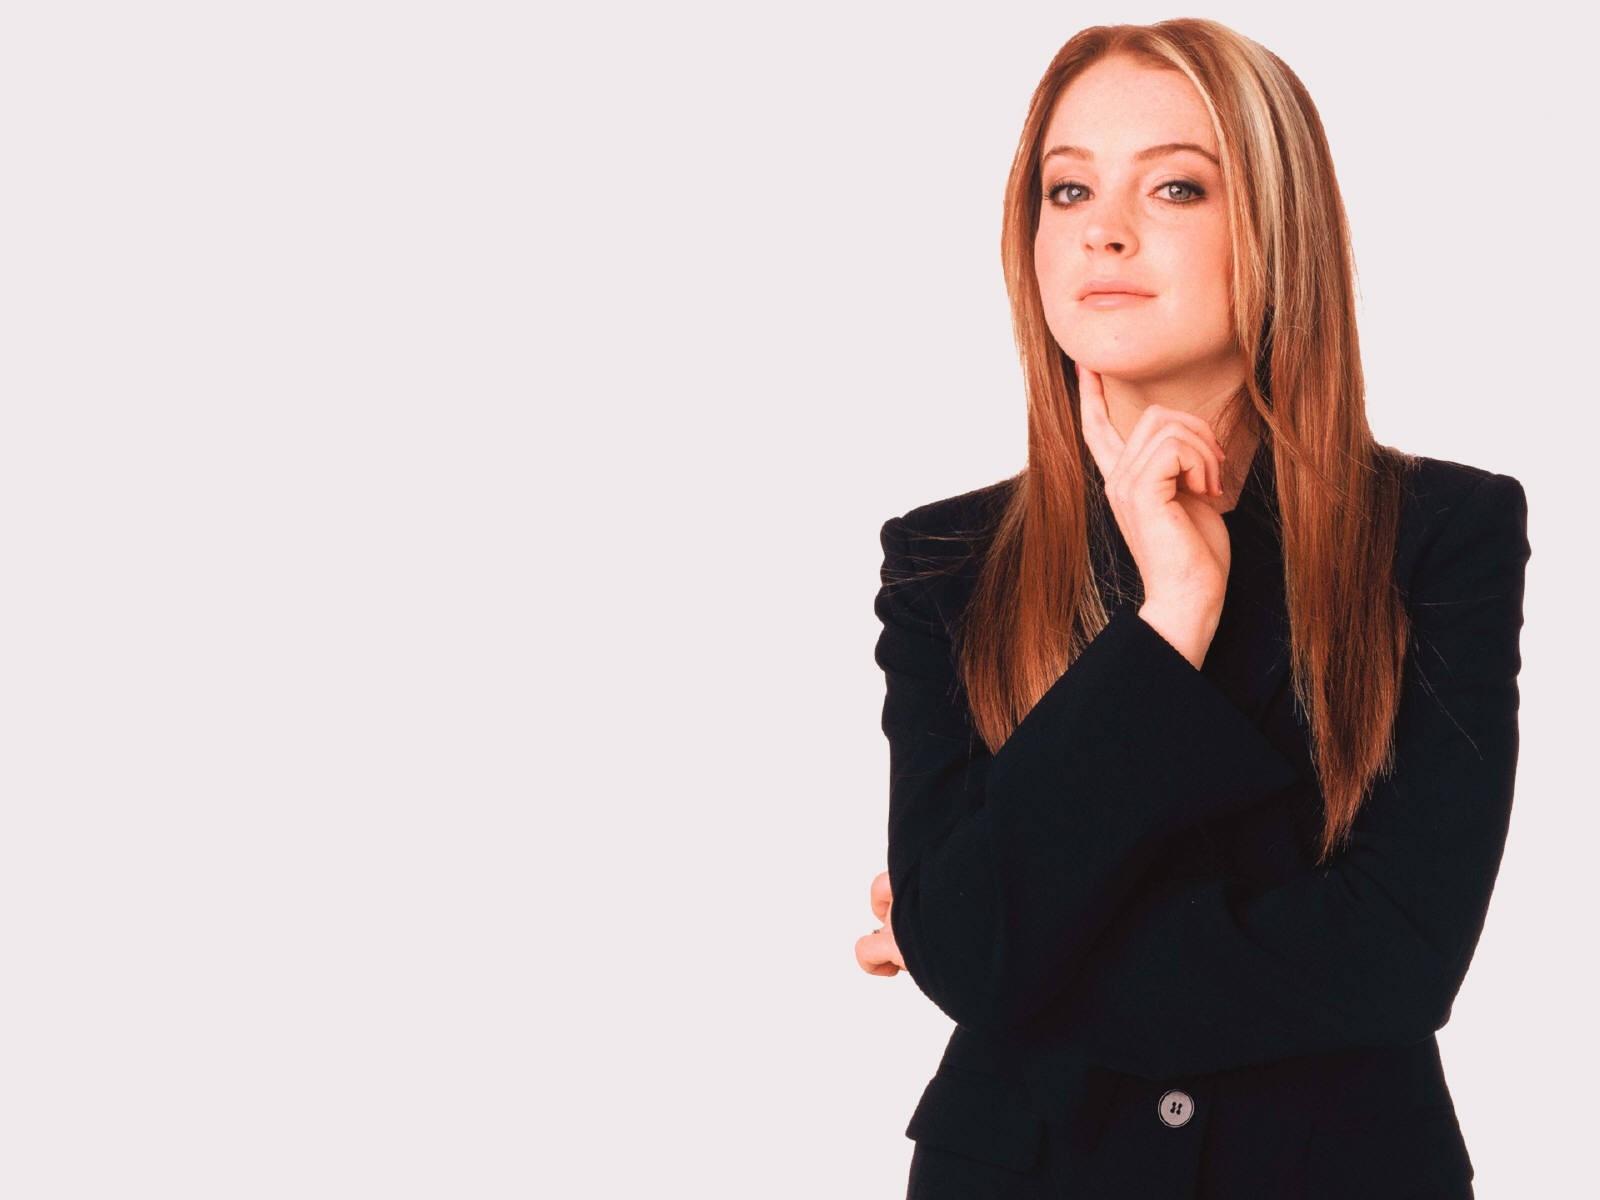 Wallpaper di Lindsay Lohan in tailleur